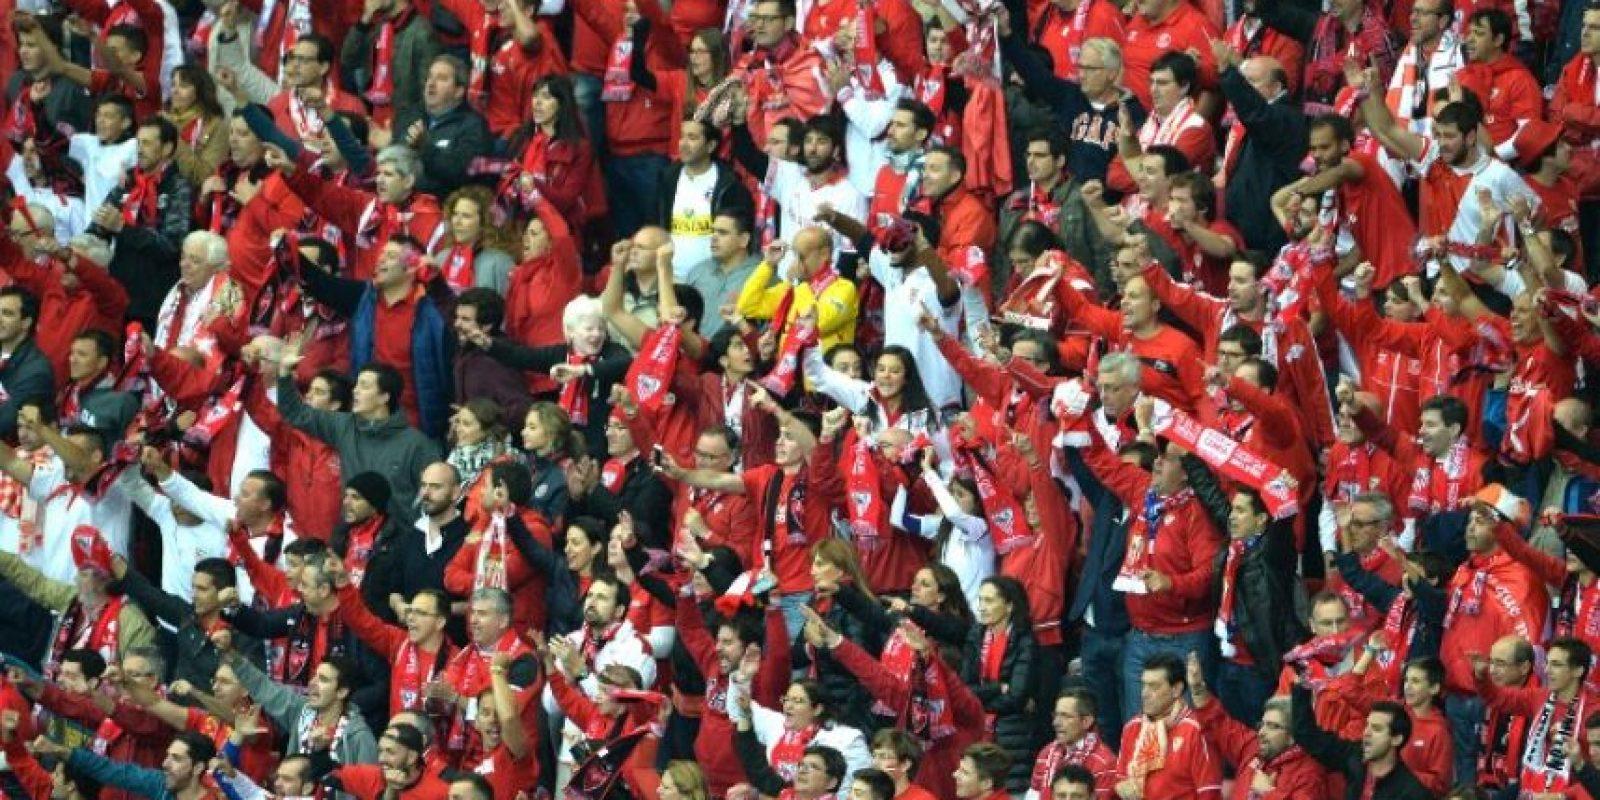 El equipo andaluz vino de atrás para quedarse con el trofeo por cuarta ocasión en su historia. Foto:AFP